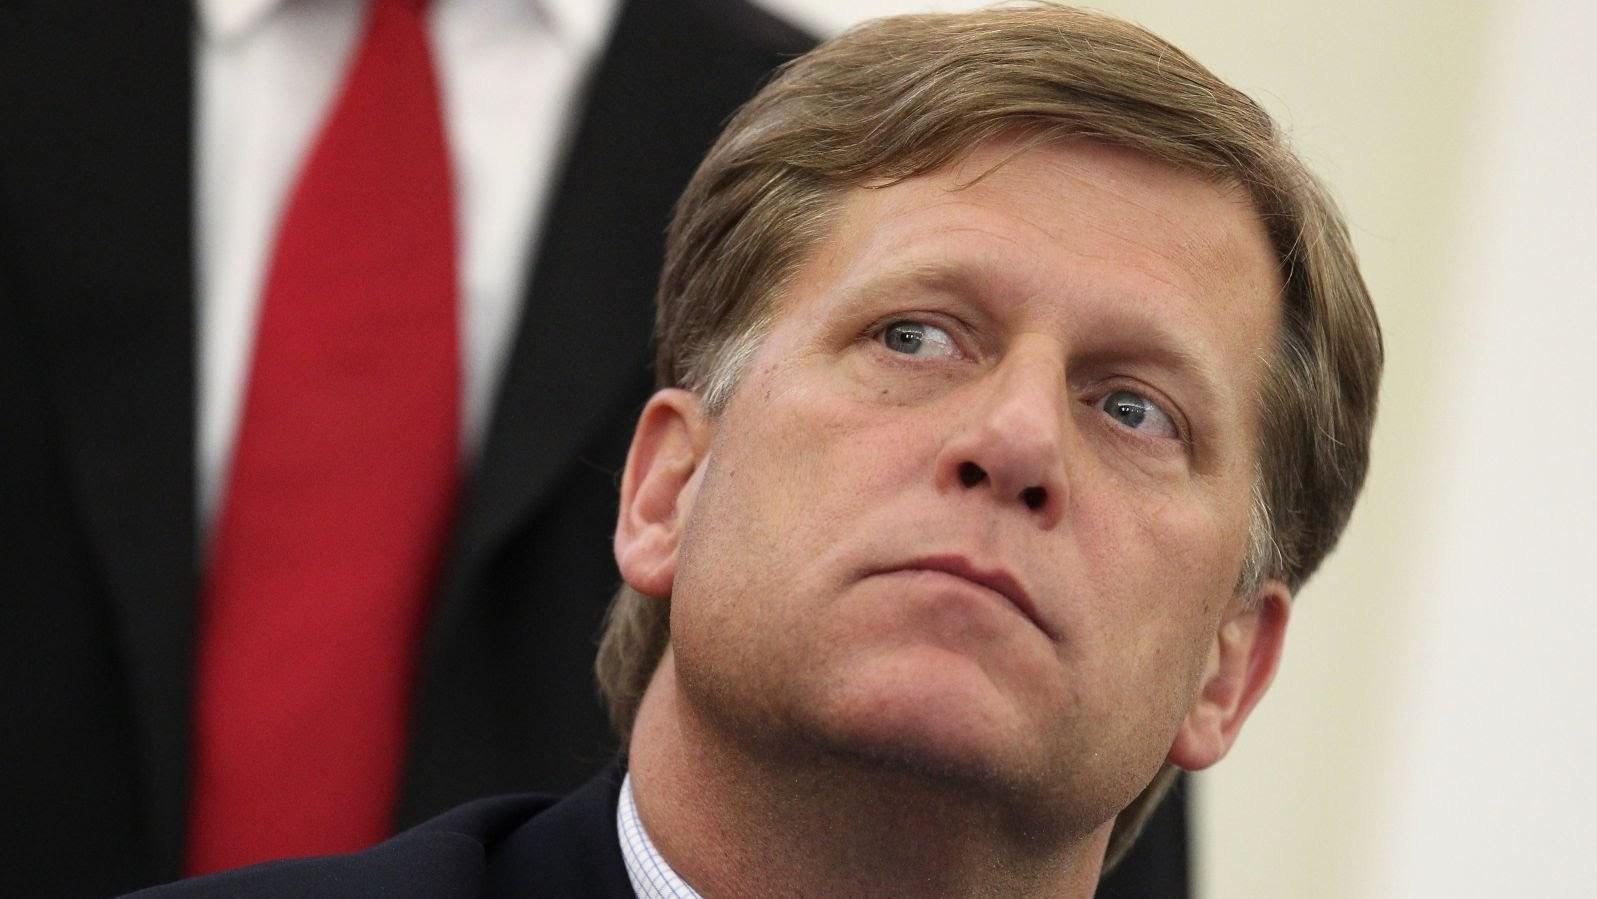 Макфол дал комментарий опланах закрыть Государственную думу РФдля корреспондентов изсоедененных штатов